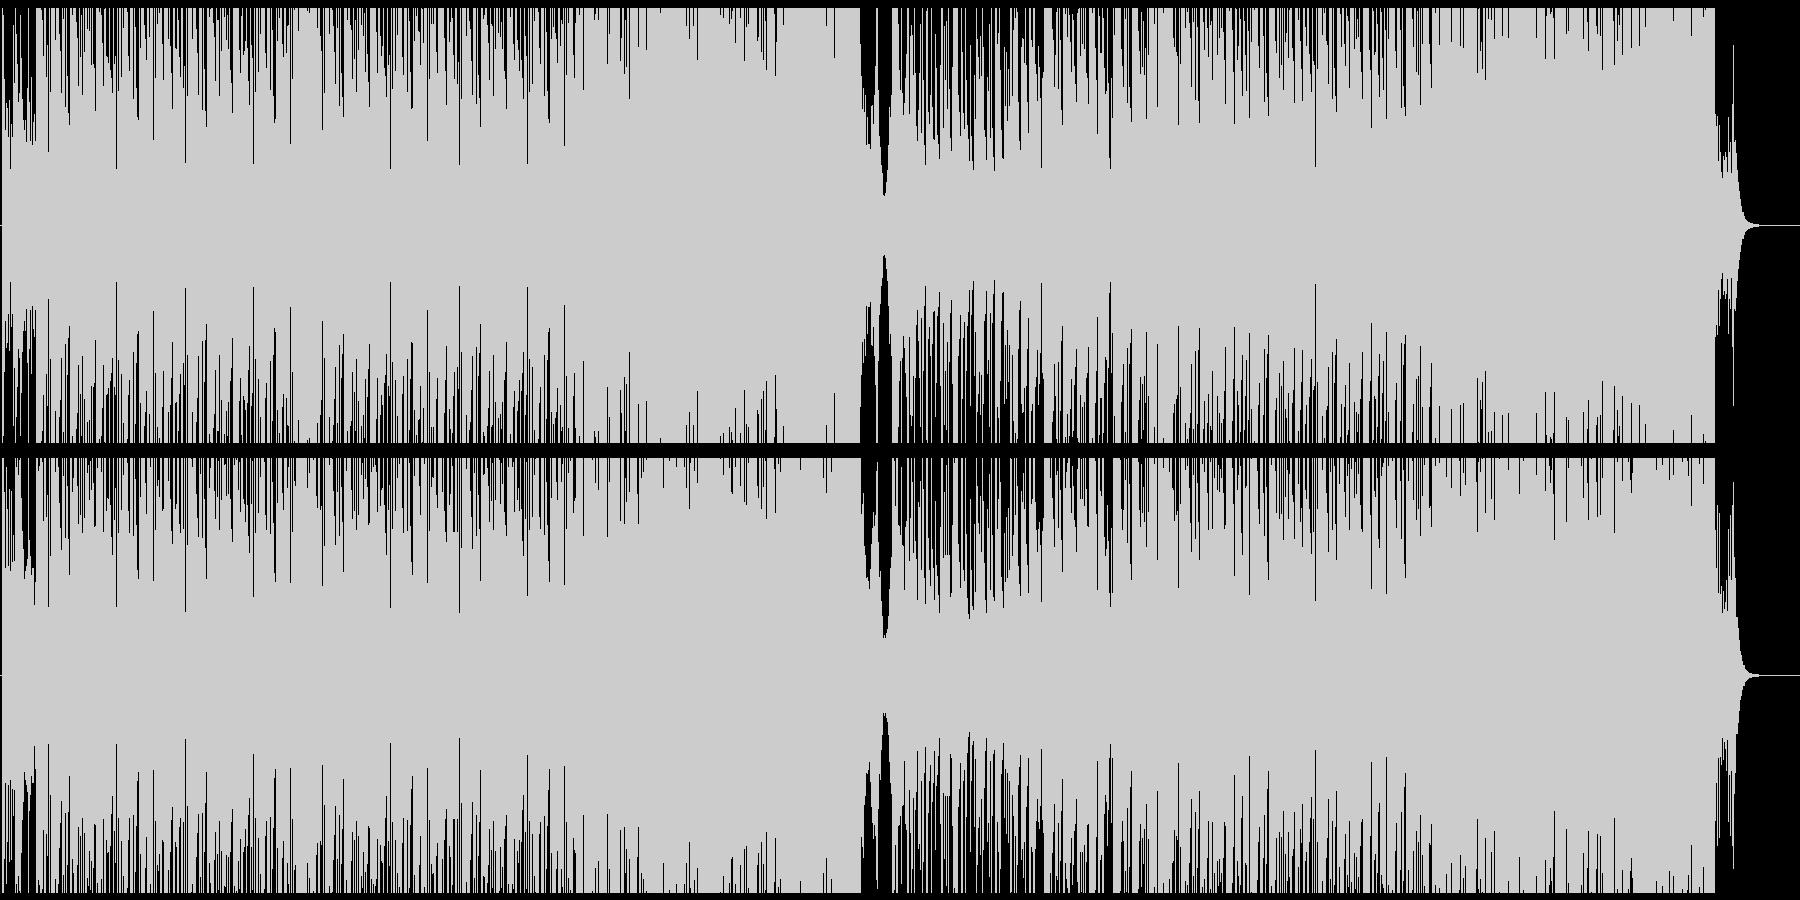 切なく幻想的な三味線の旋律が印象的な曲の未再生の波形